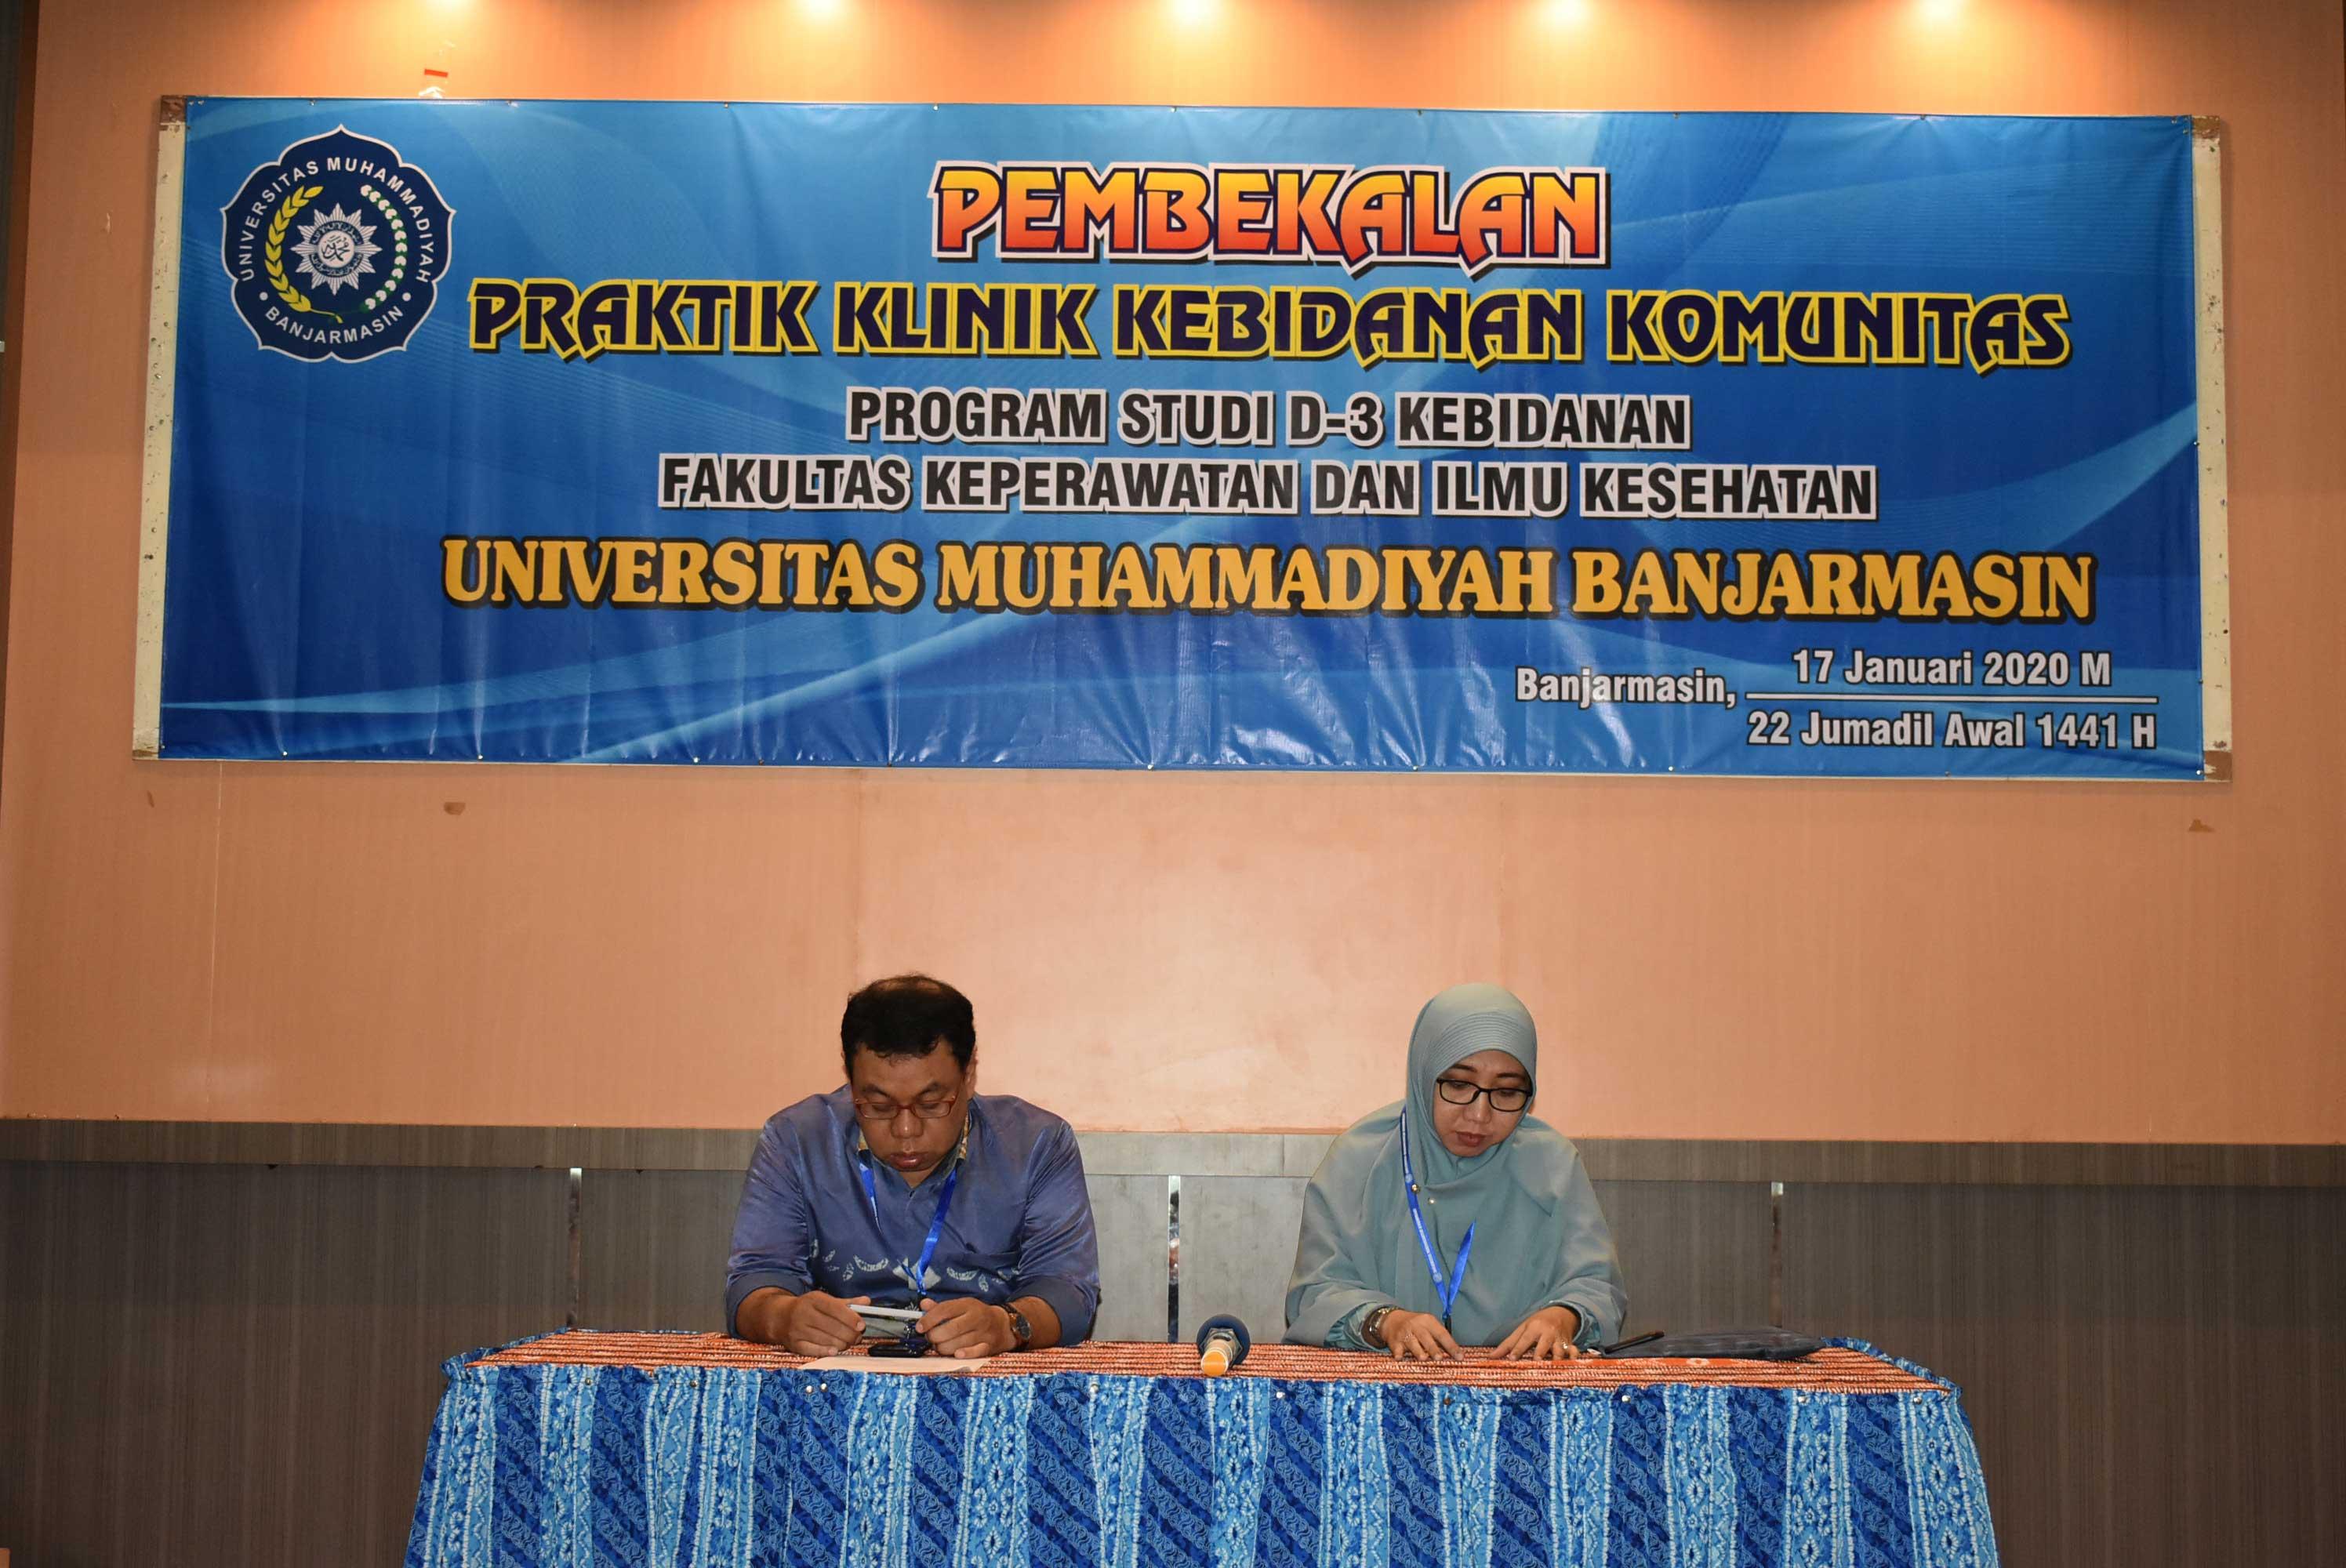 Pembekalan Praktik Kebidanan Komunitas UM Banjarmasin